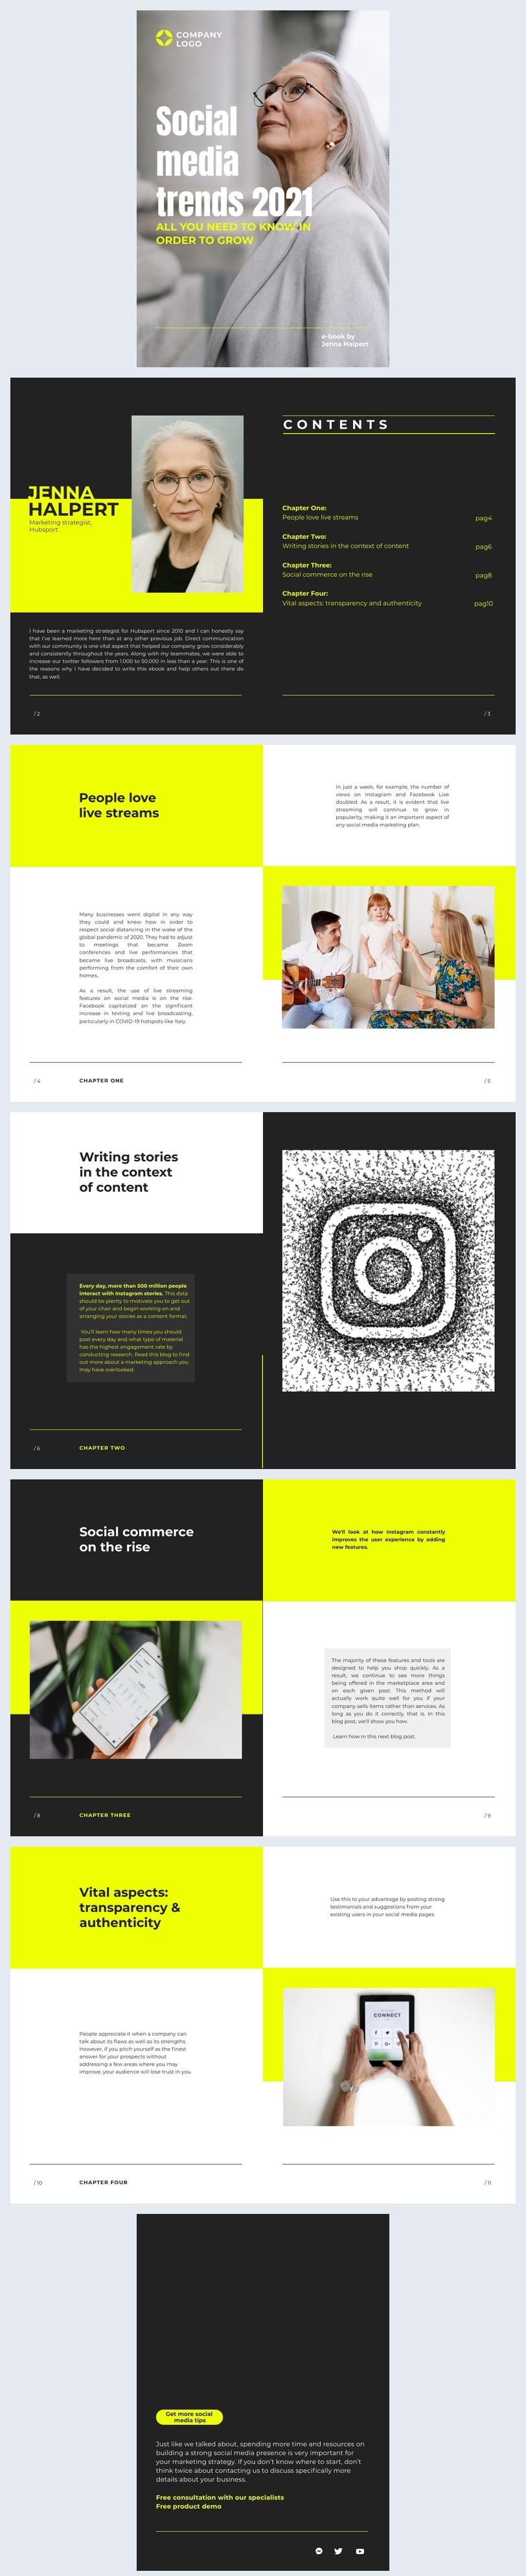 Ejemplo de diseño para eBook comercial de redes sociales